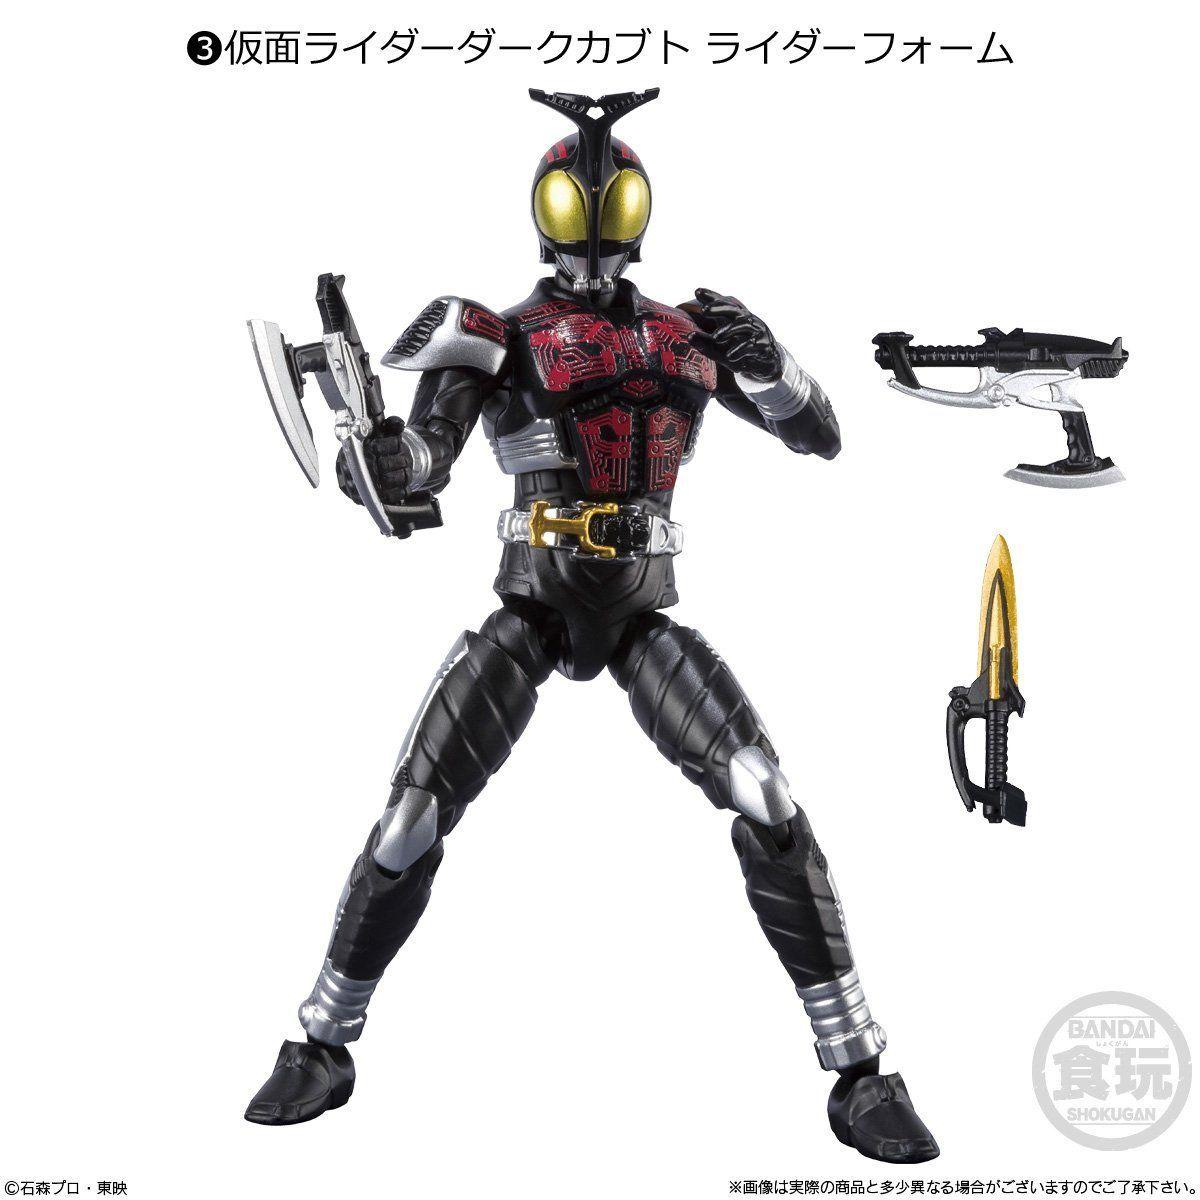 【食玩】SHODO-O『仮面ライダー4』可動フィギュア 10個入りBOX-004